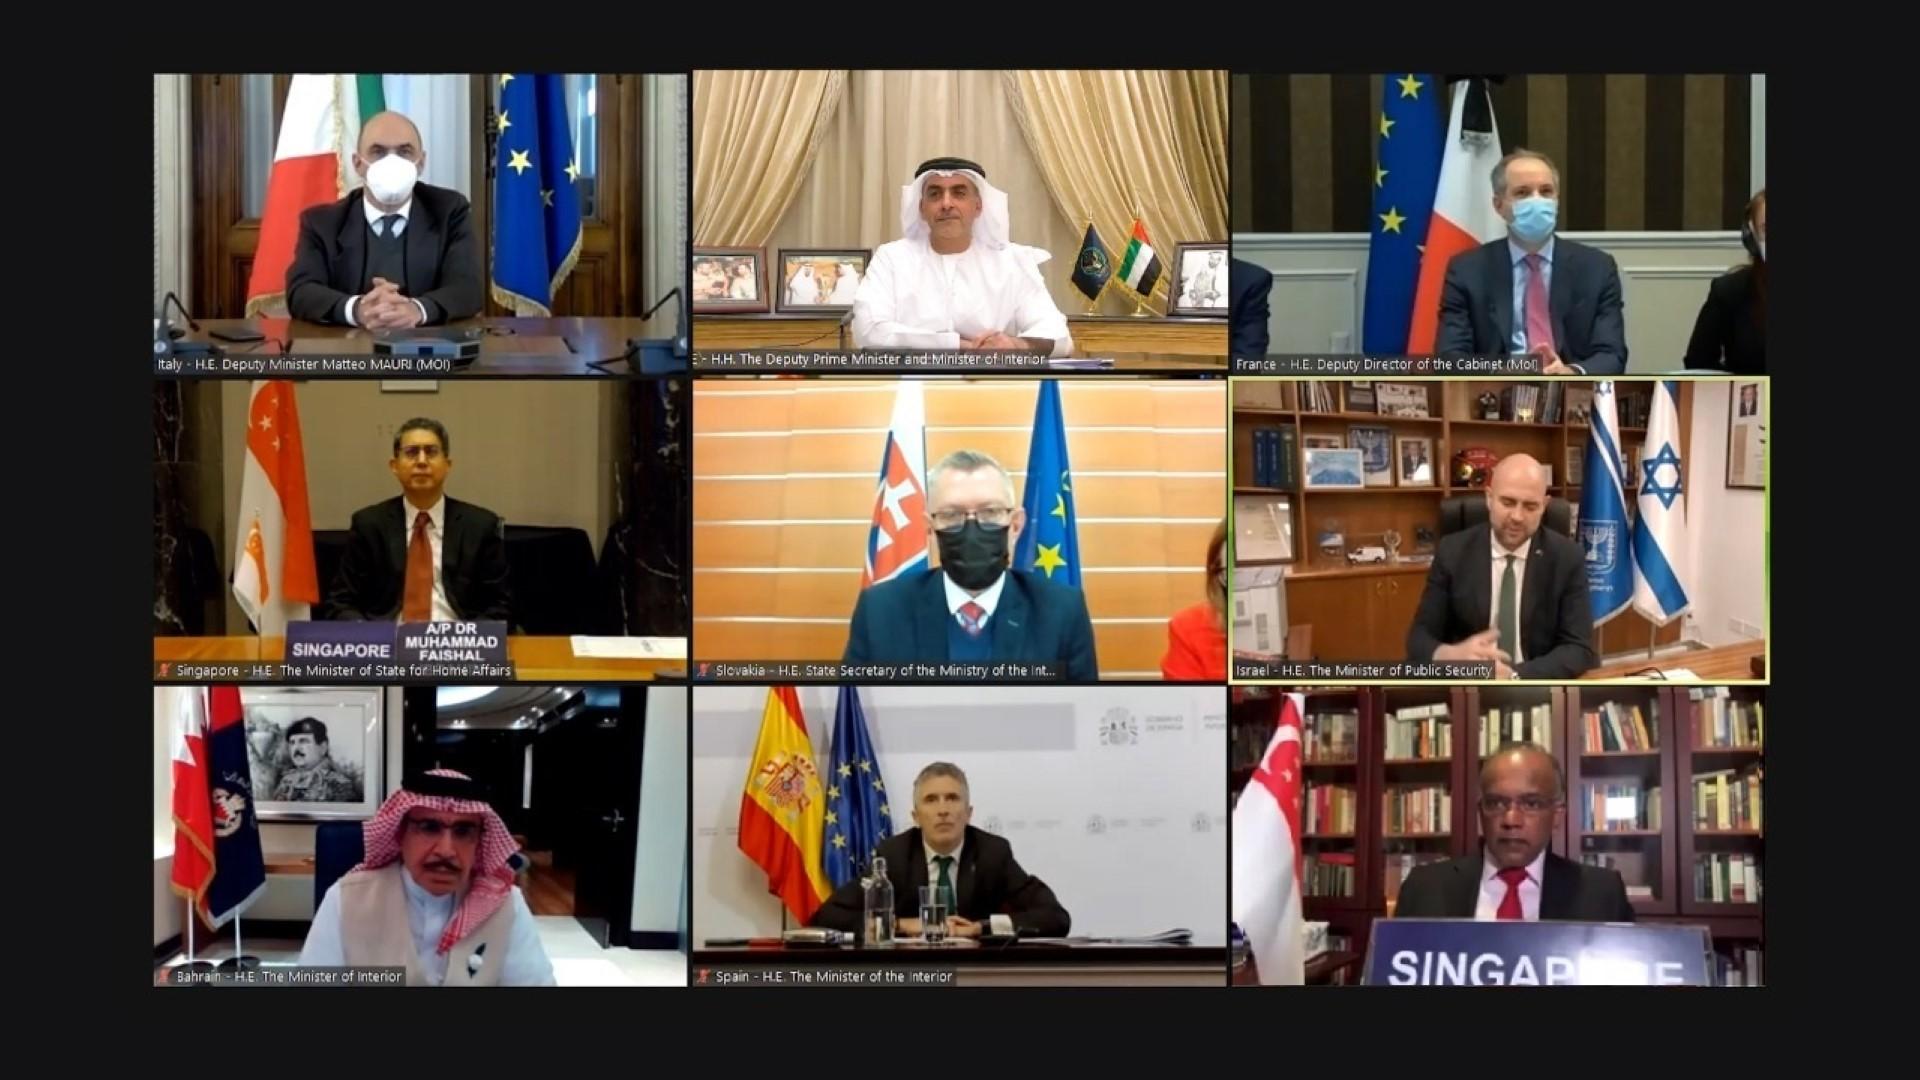 بن زايد مع معالي الوزراء في الاجتماع (large)